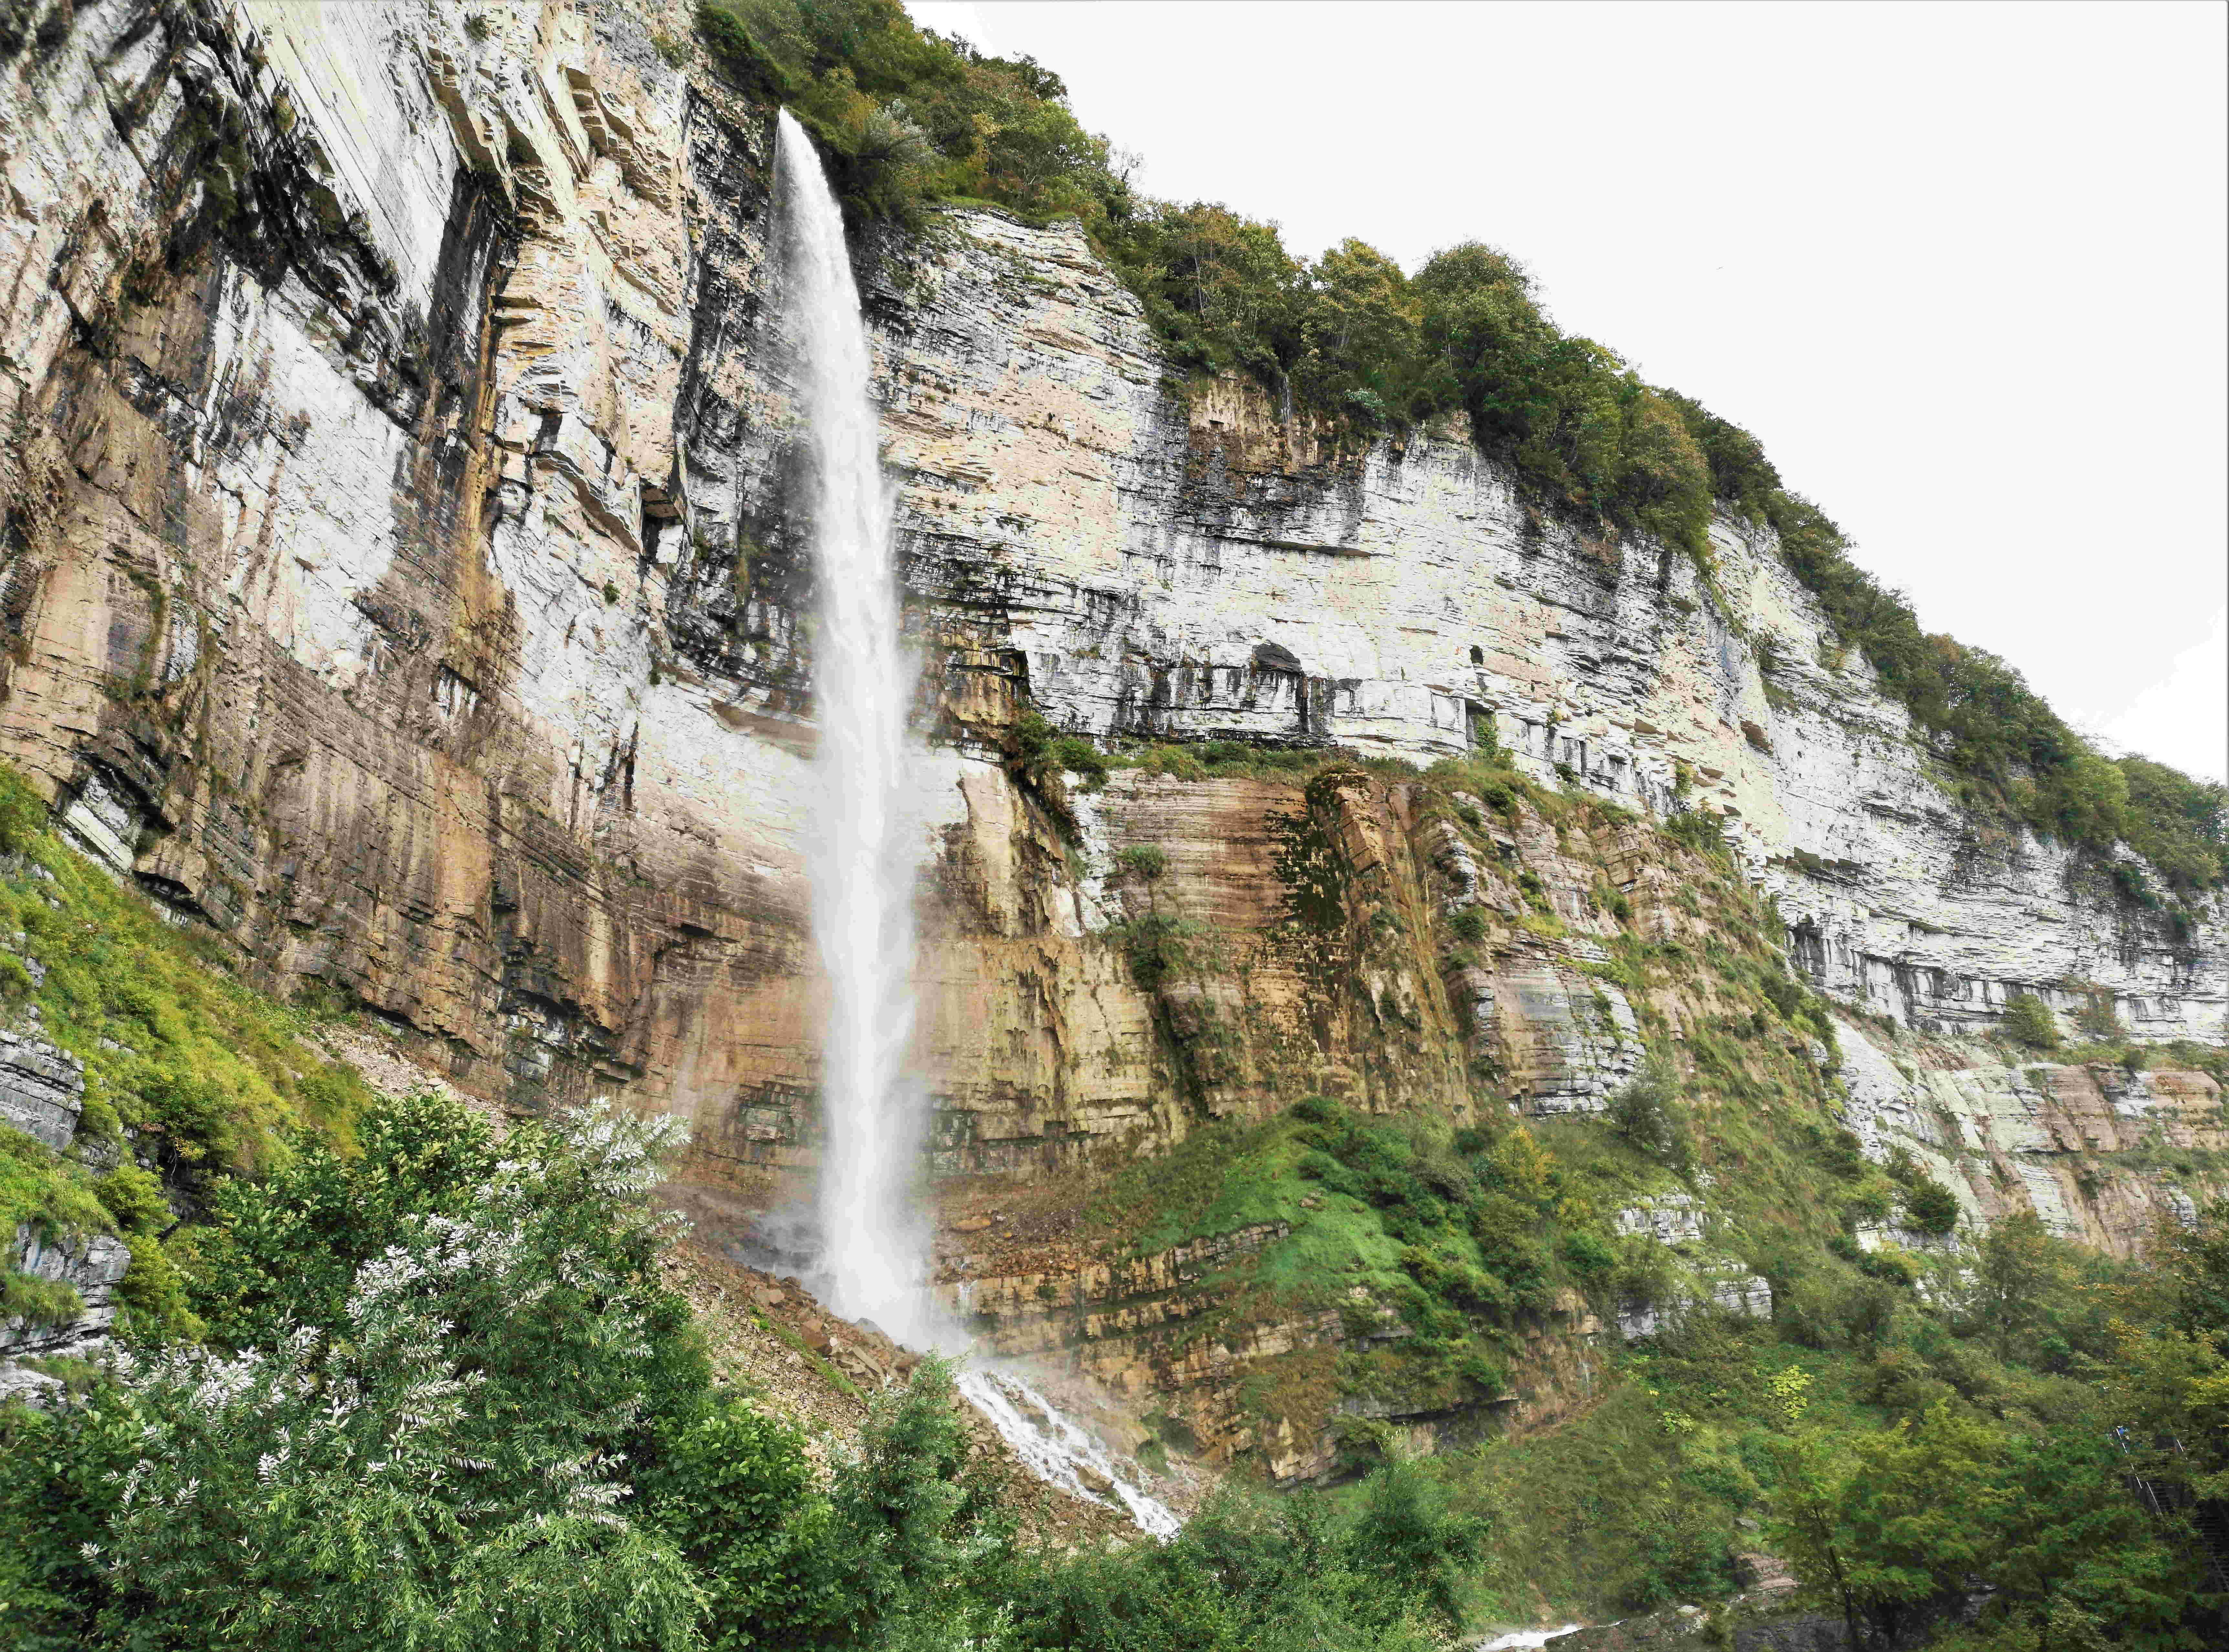 Большой водопад Кинчха высотой 100 метров